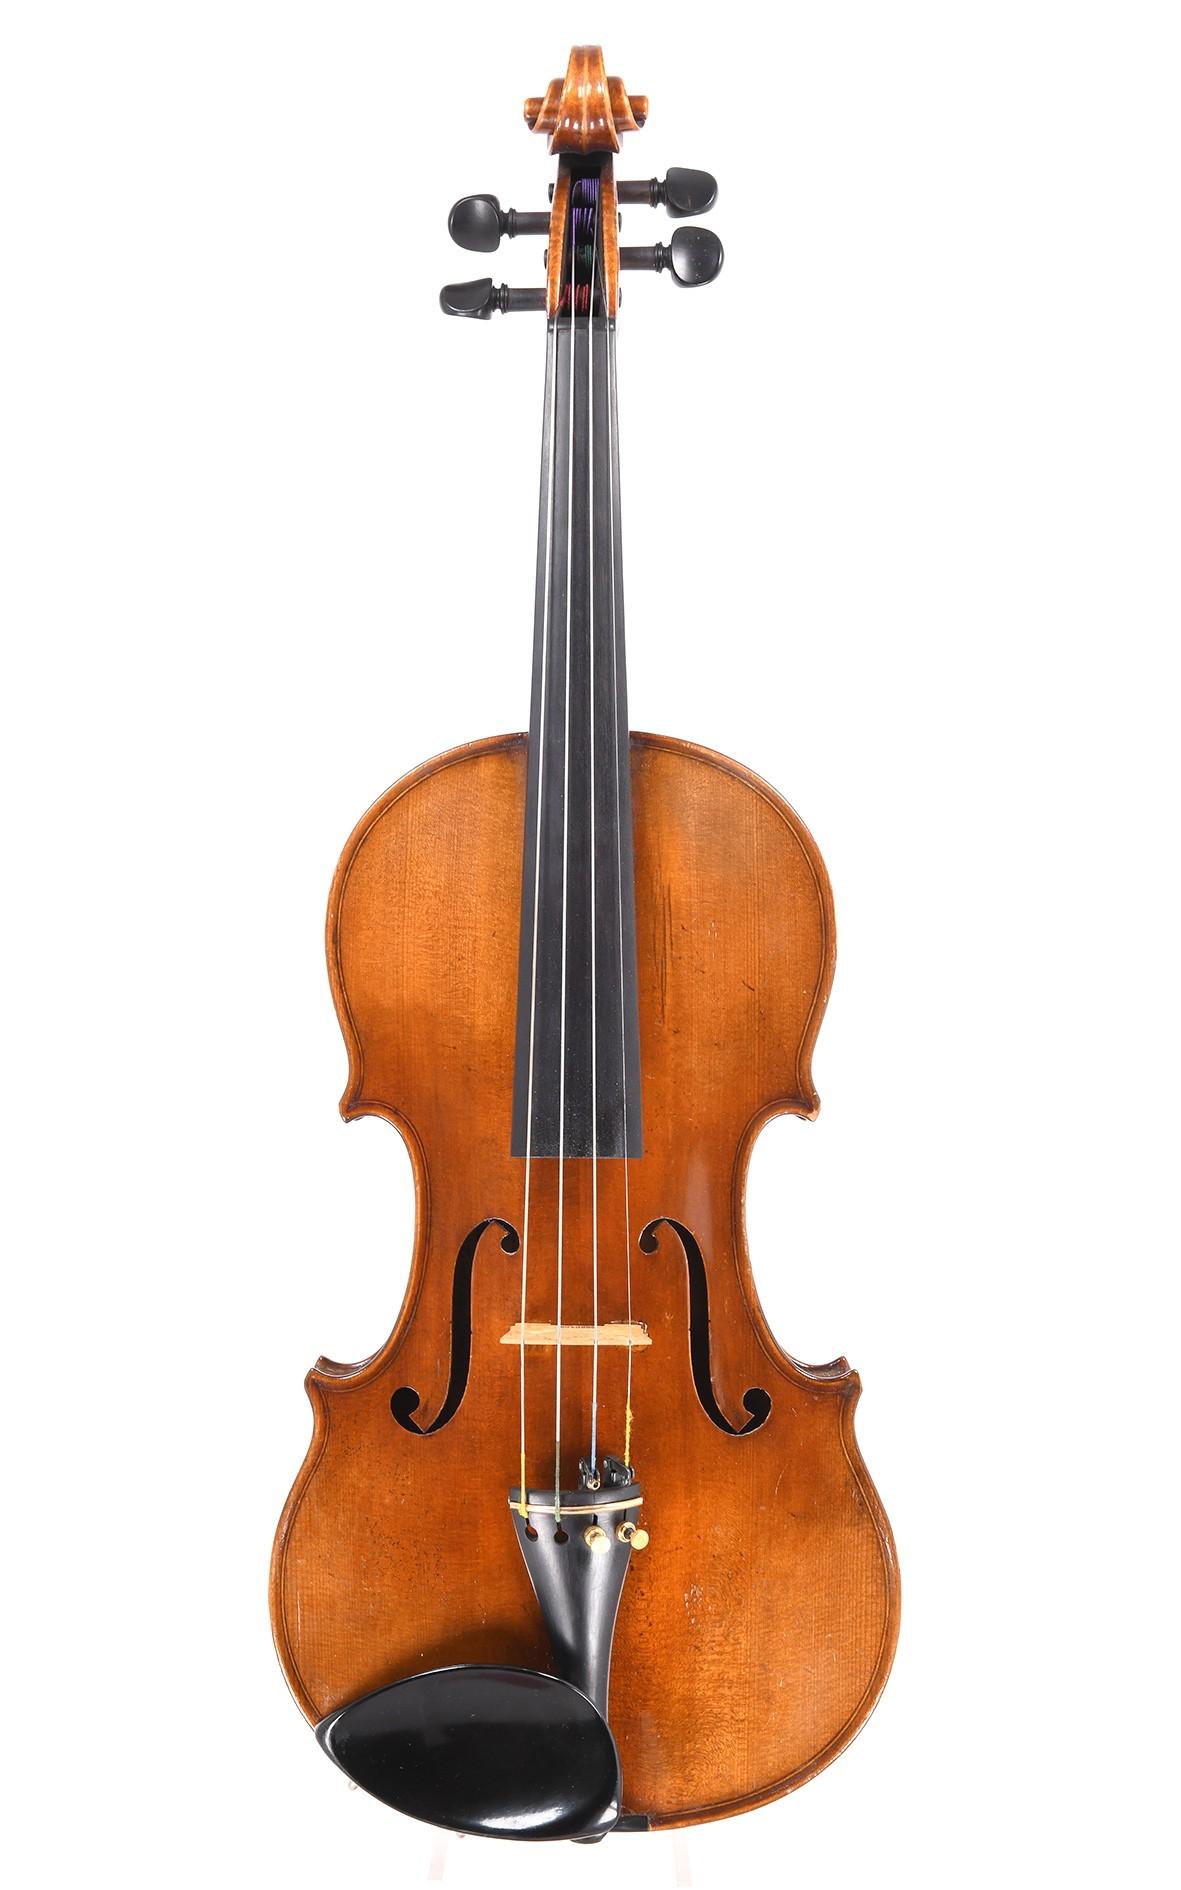 Violine von Ludwig Gläsel Jr., Markneukirchen